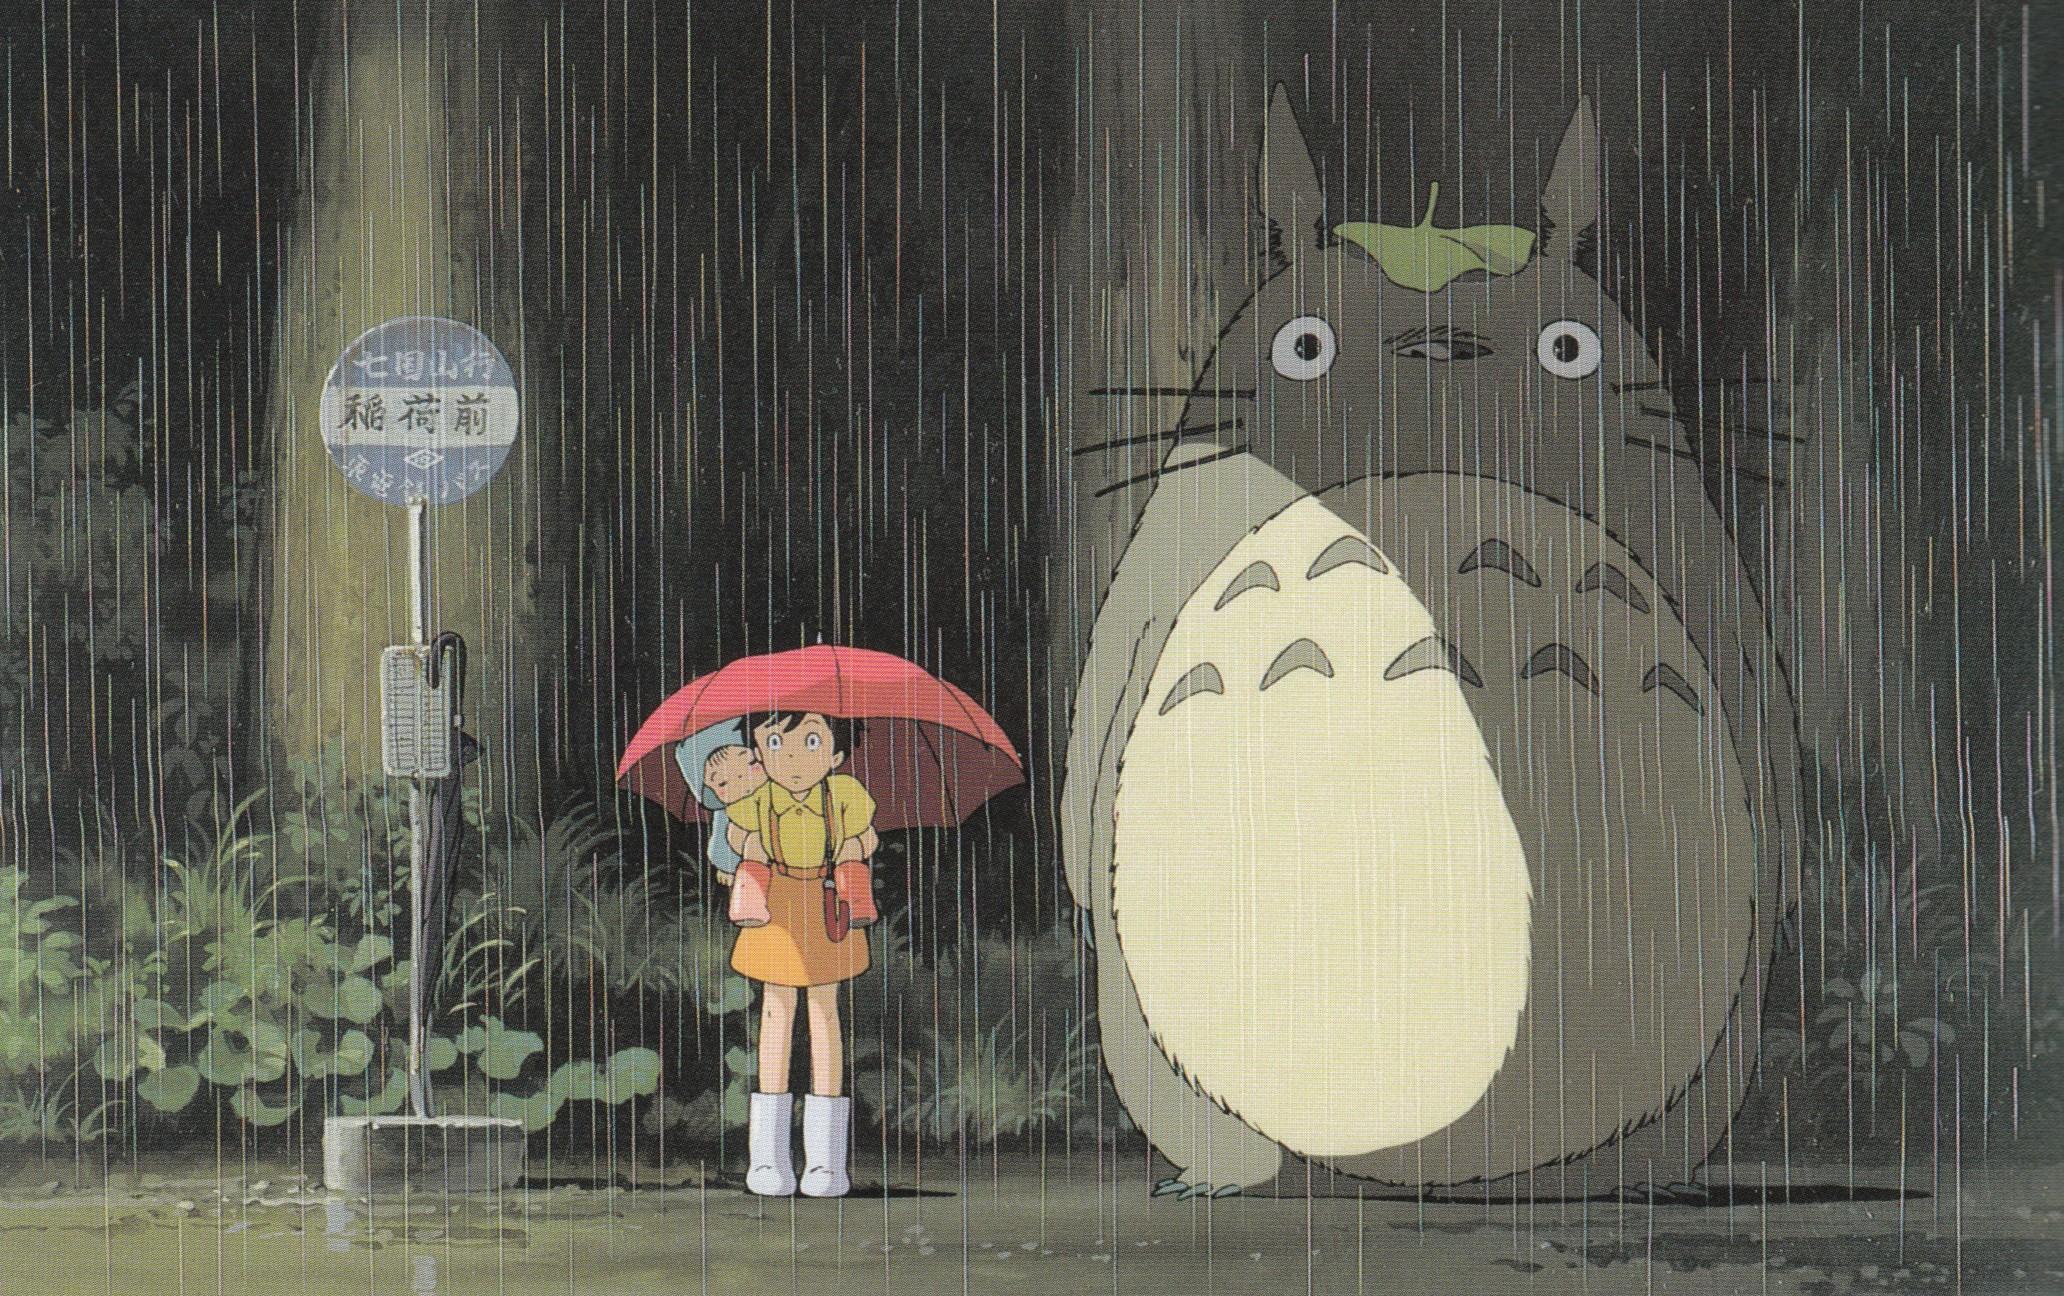 Mon voisin Totoro / My Neighbor Totoro